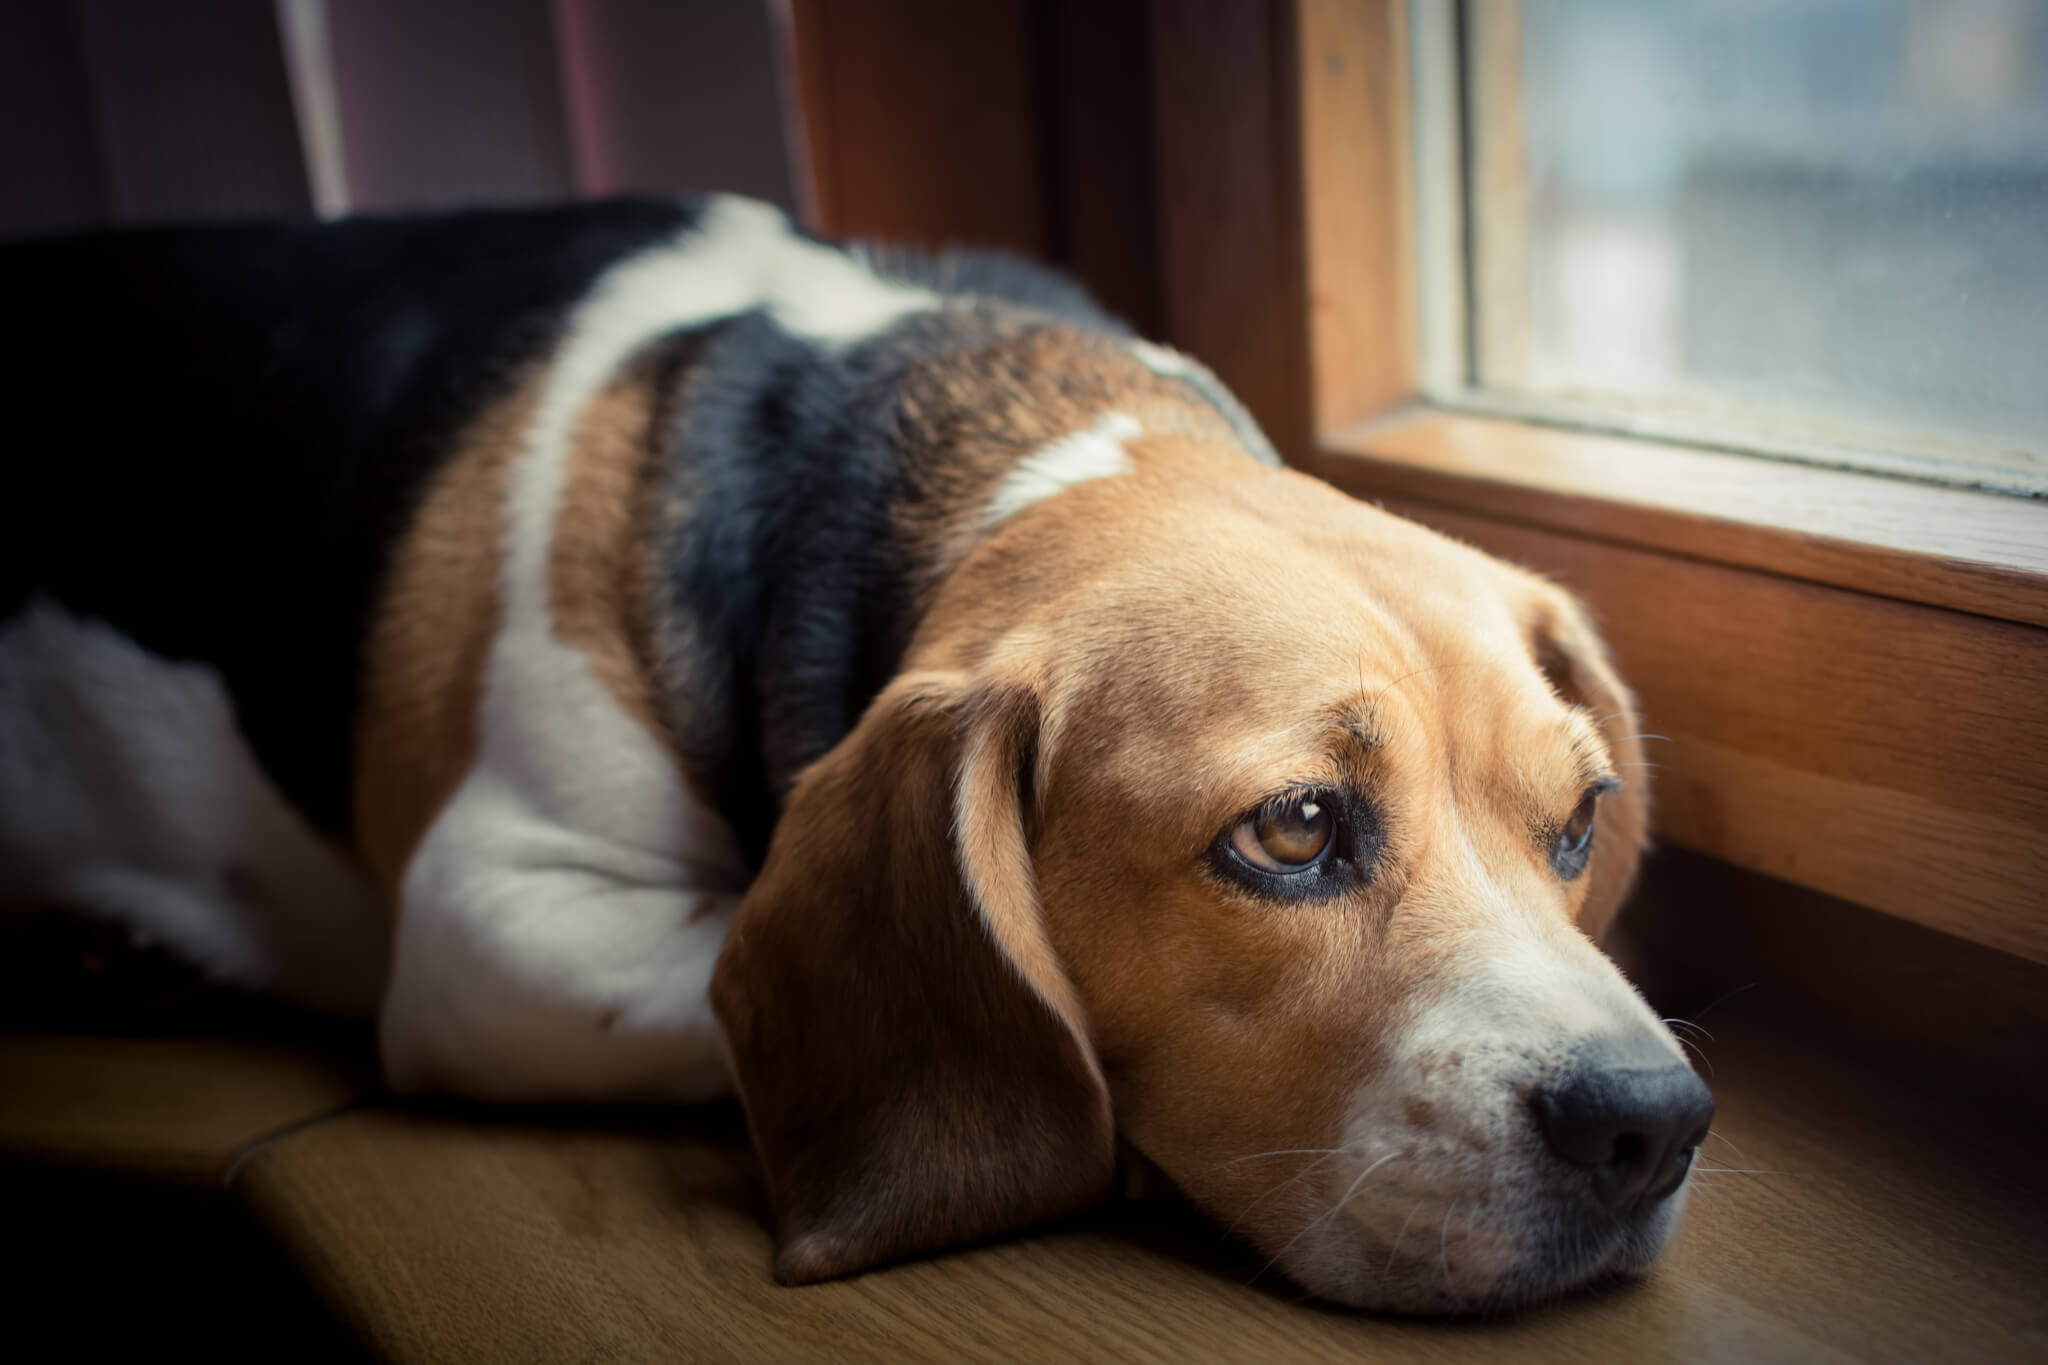 Hình ảnh chú chó buồn đưa mắt nhìn ra ngoài cửa sổ